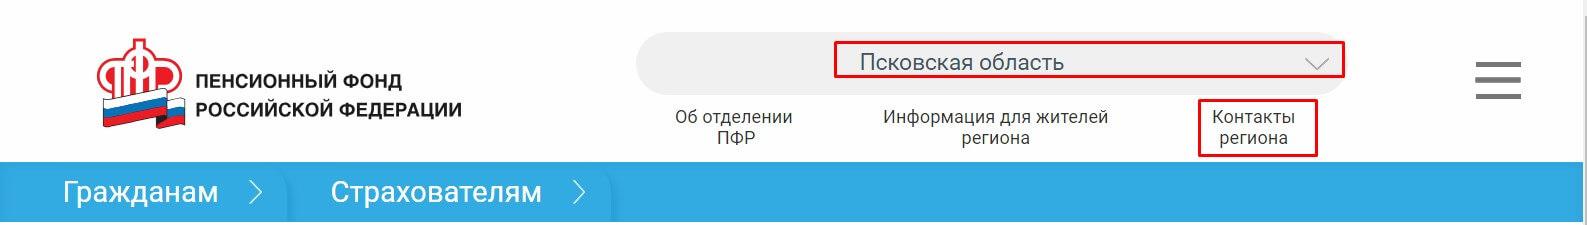 Пенсионный фонд Орловской области